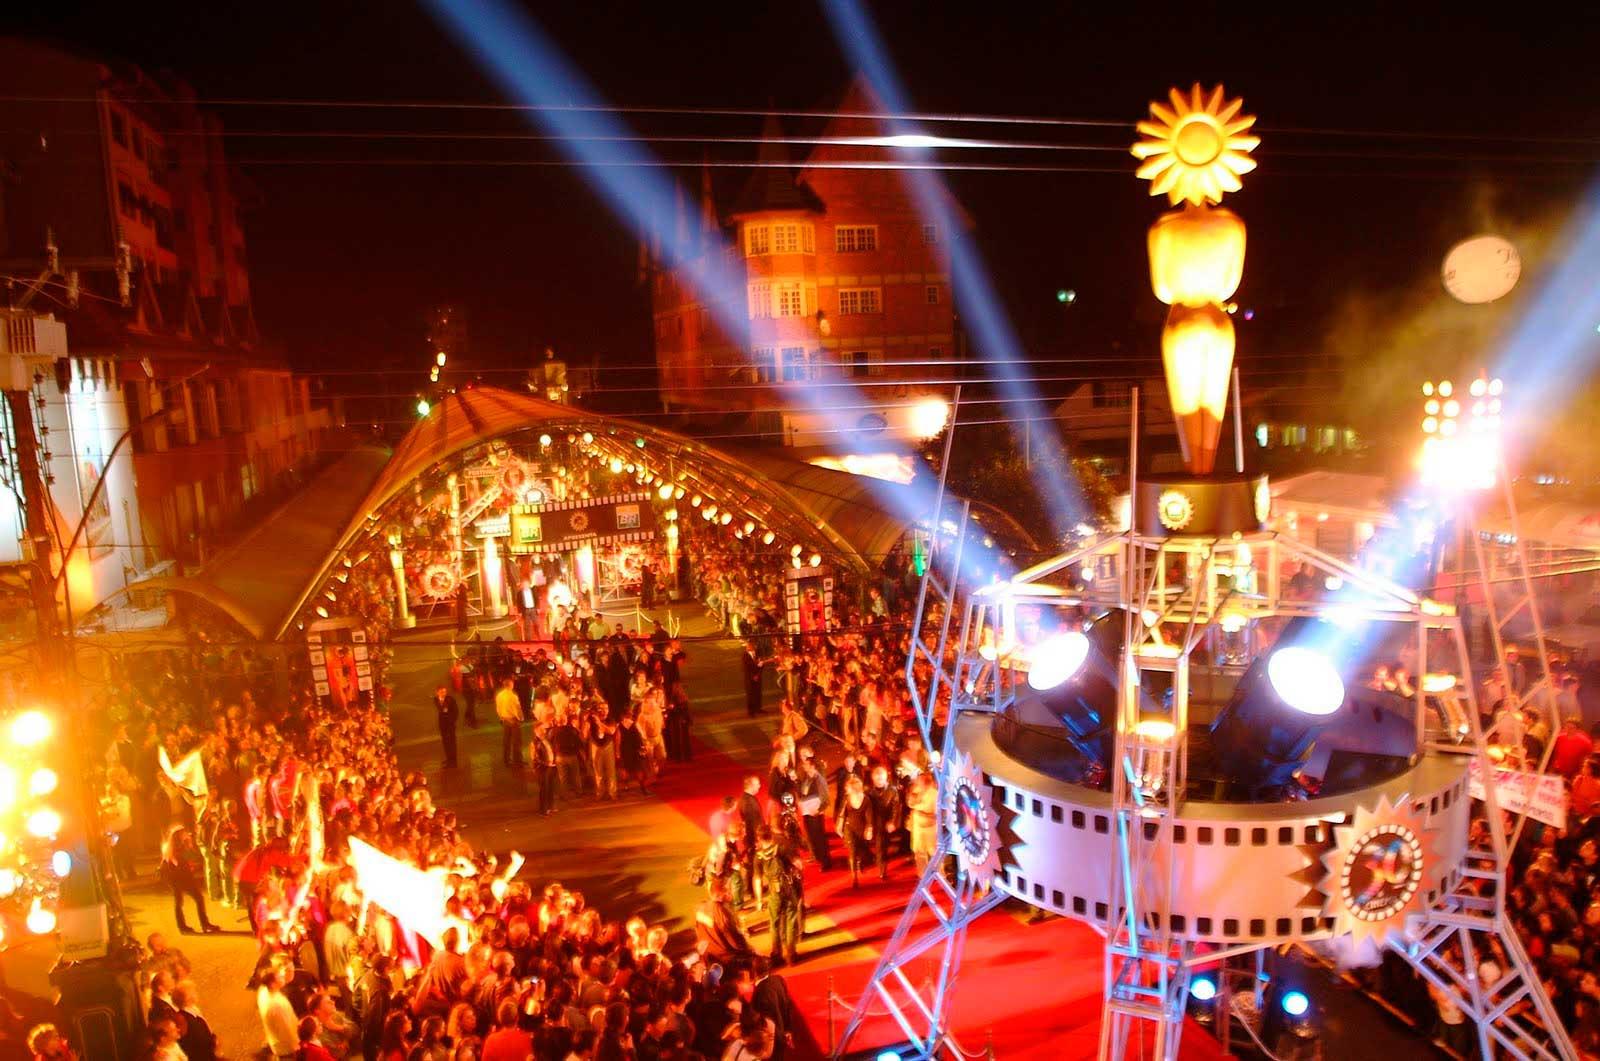 Crédito foto: http://www.gramadocanela.com.br/eventos/festival-de-cinema/